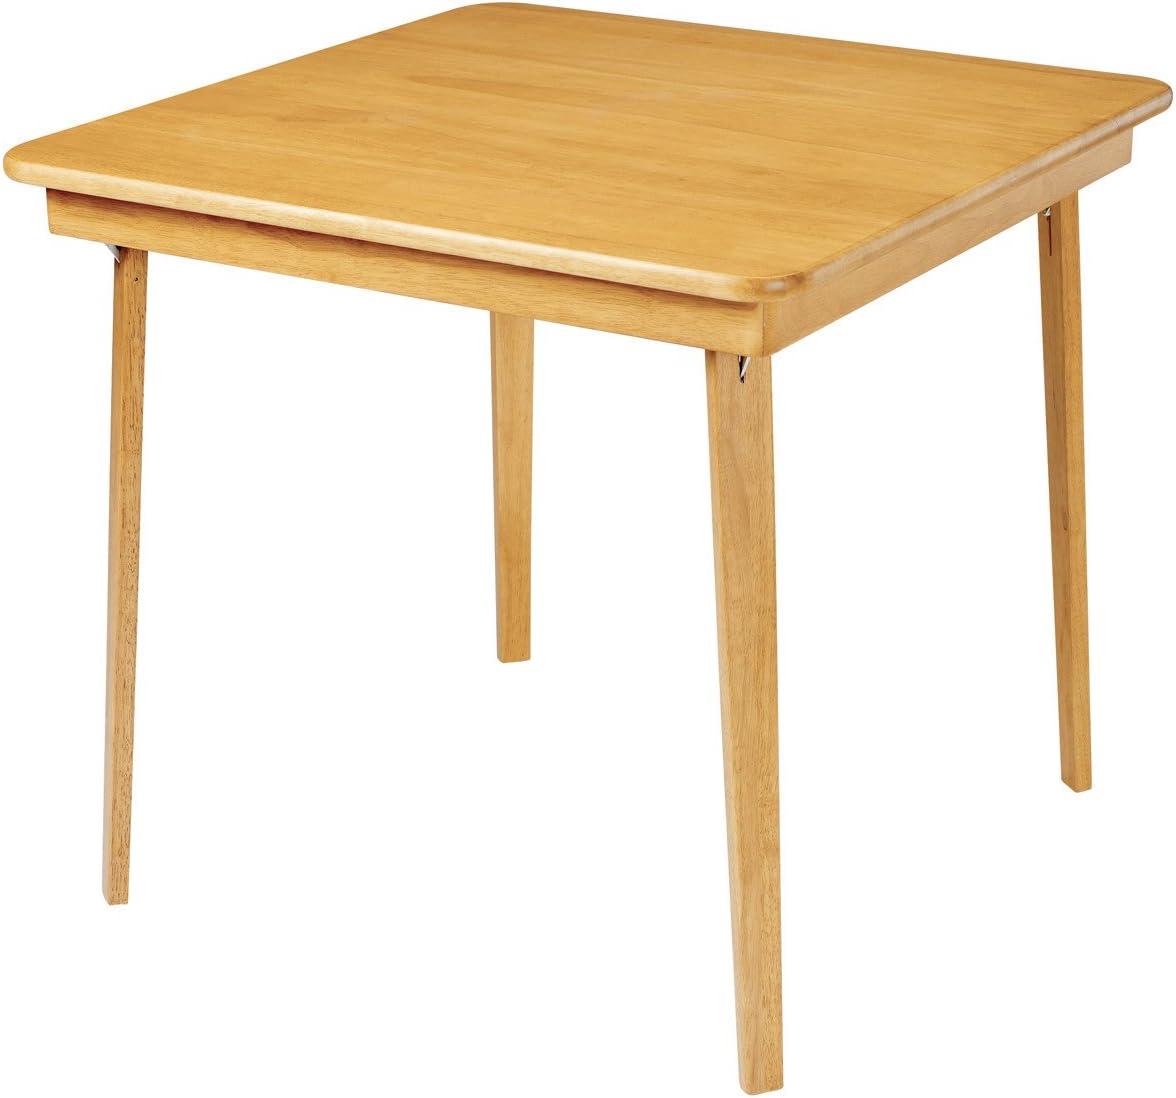 Stakmore 32 Square Folding Table, Folding Training Table Oak